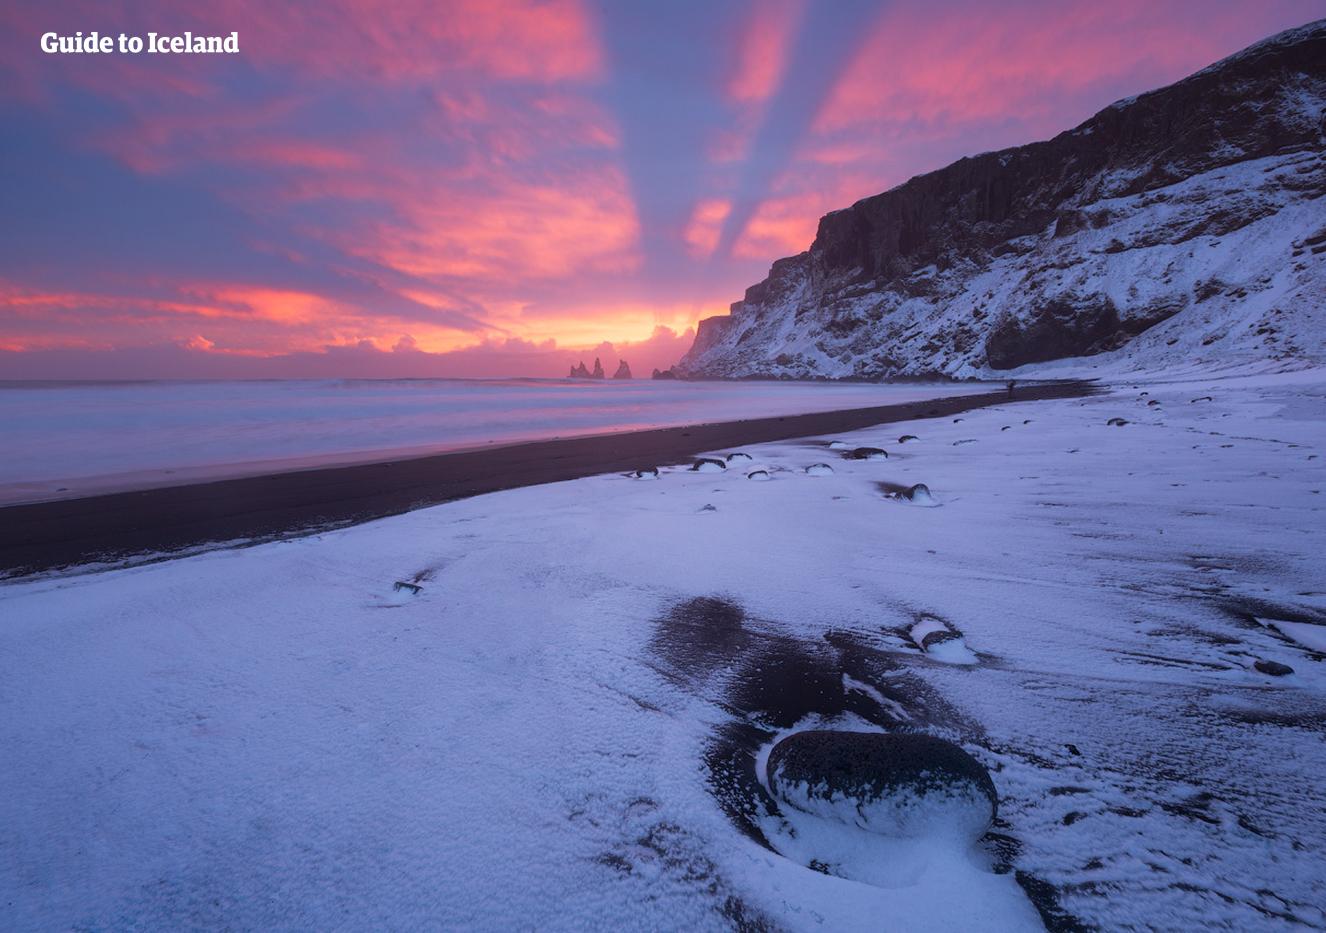 """Reynisfjara 黑沙滩是冰岛""""恶名昭彰""""的地点,主要原因是这里致命的海浪全年不停歇地不断拍打岸边"""